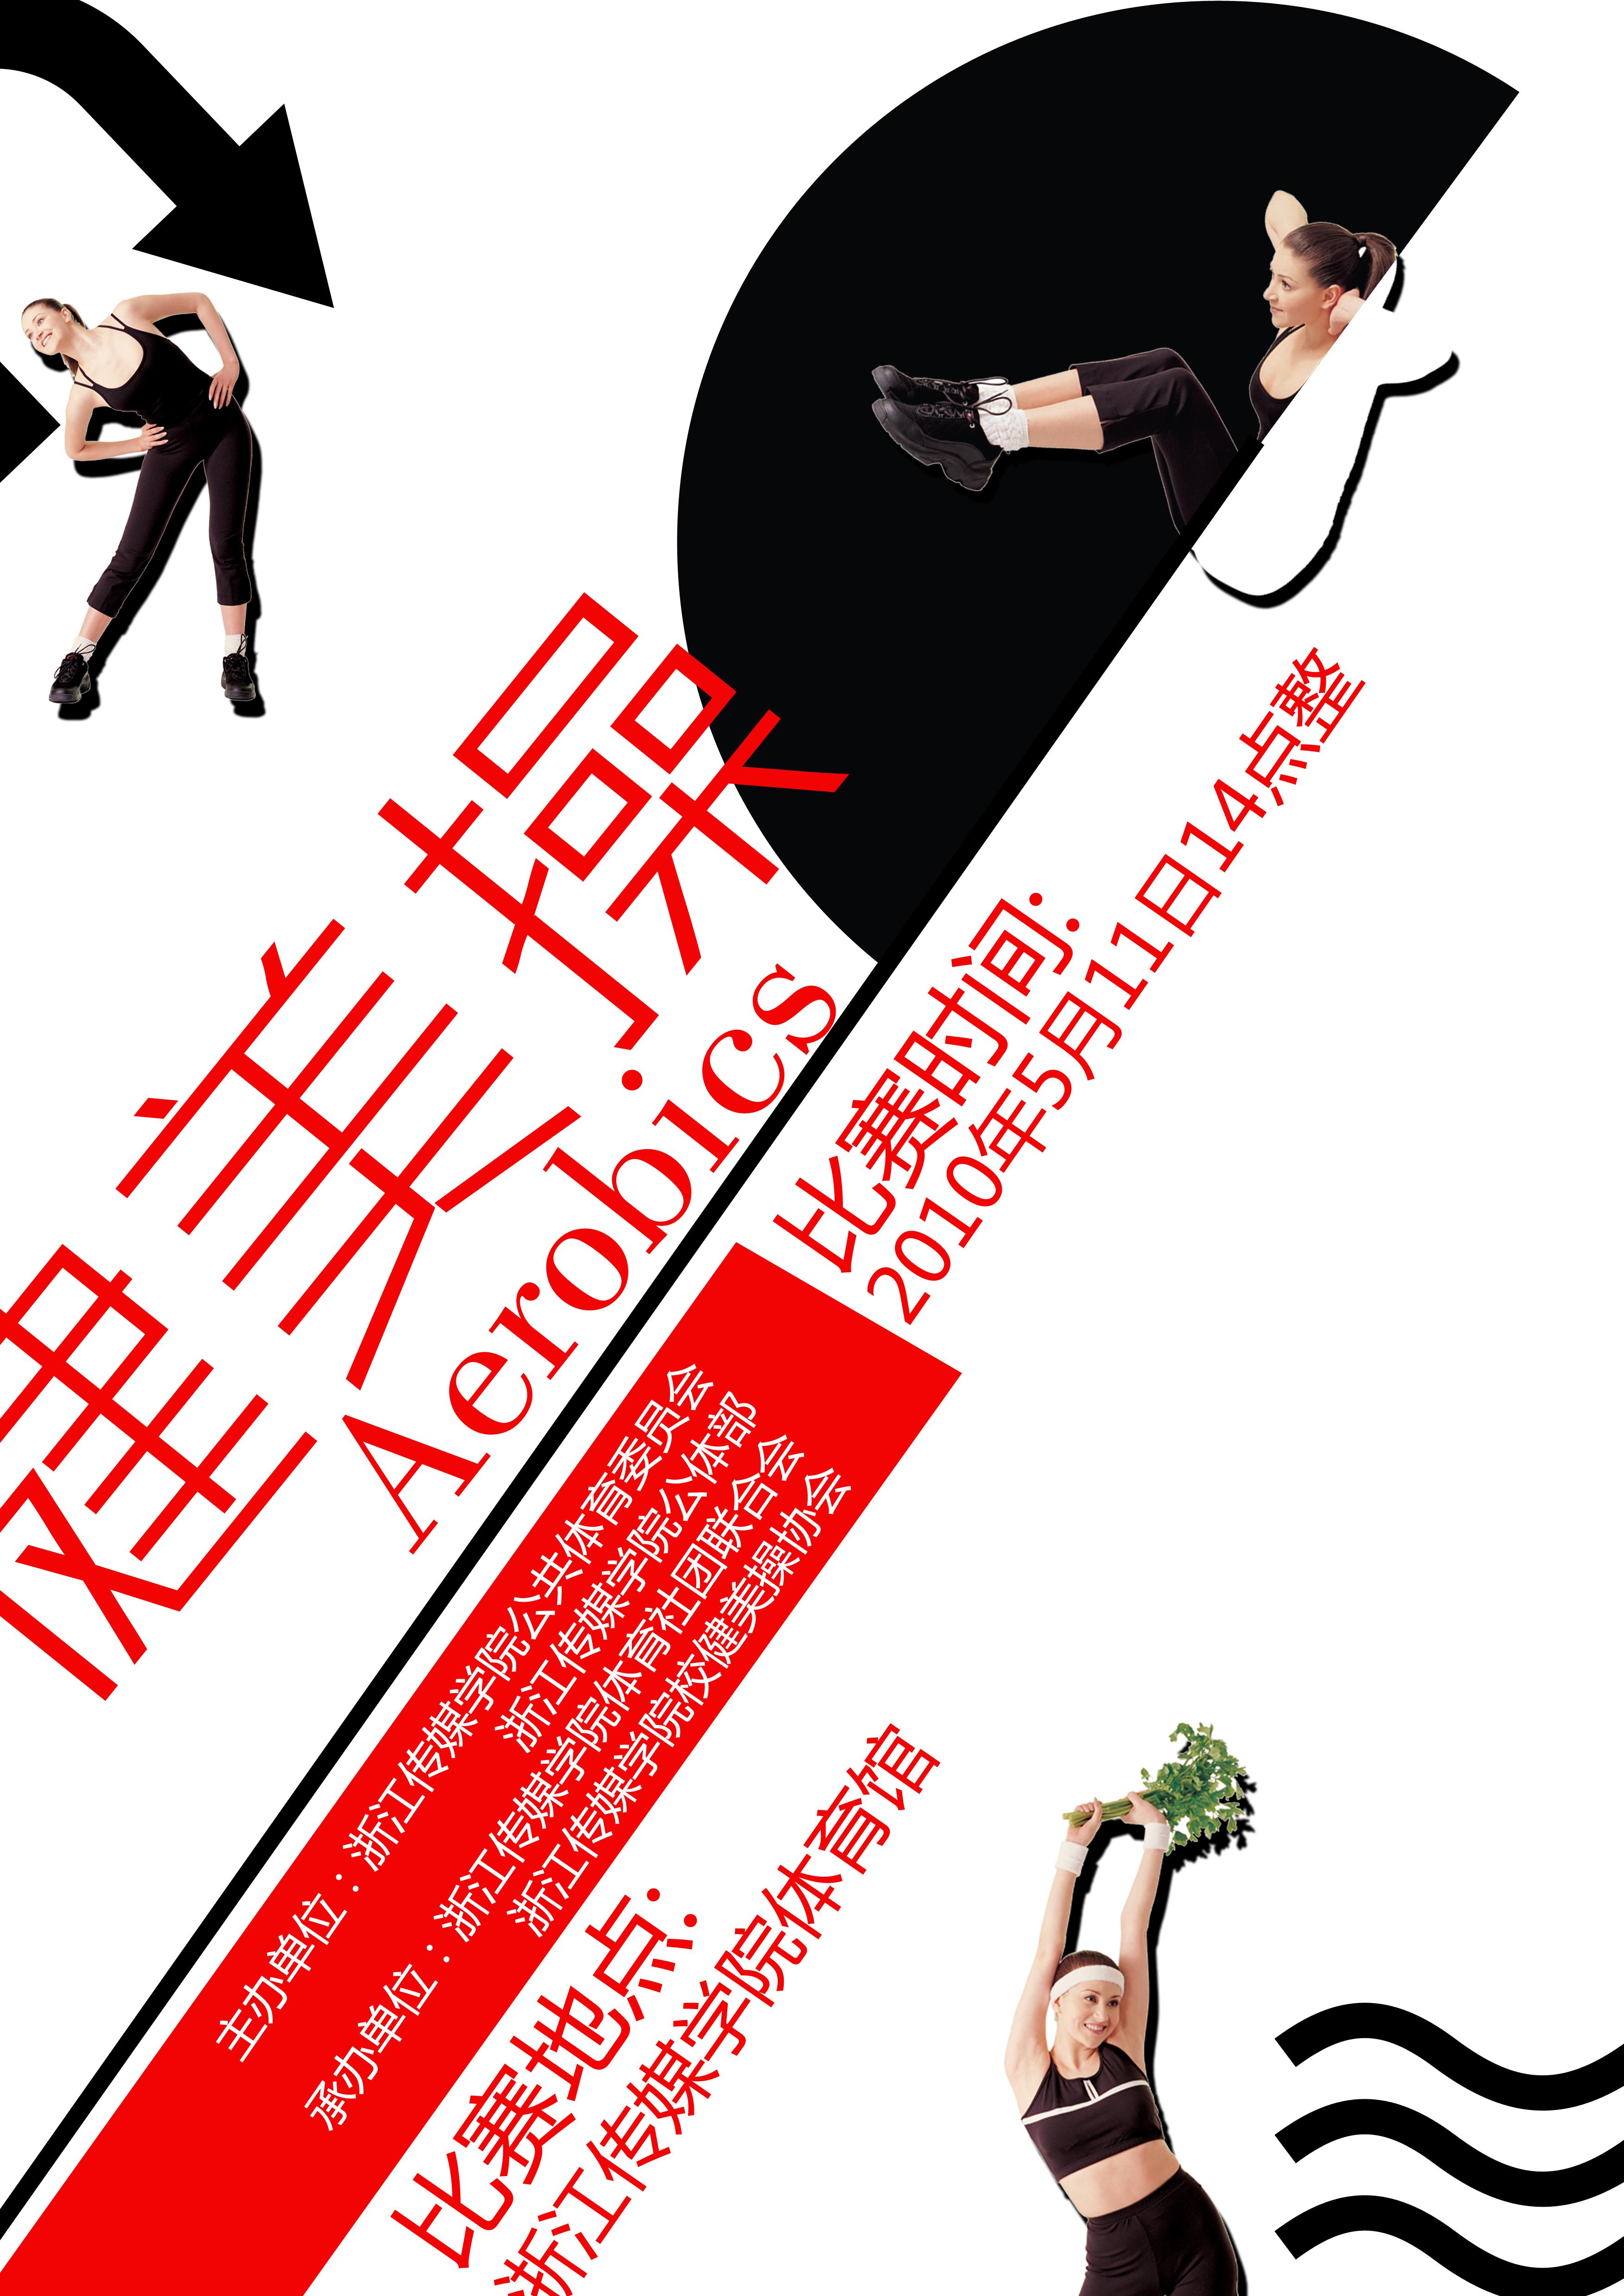 校健美操协会海报设计.